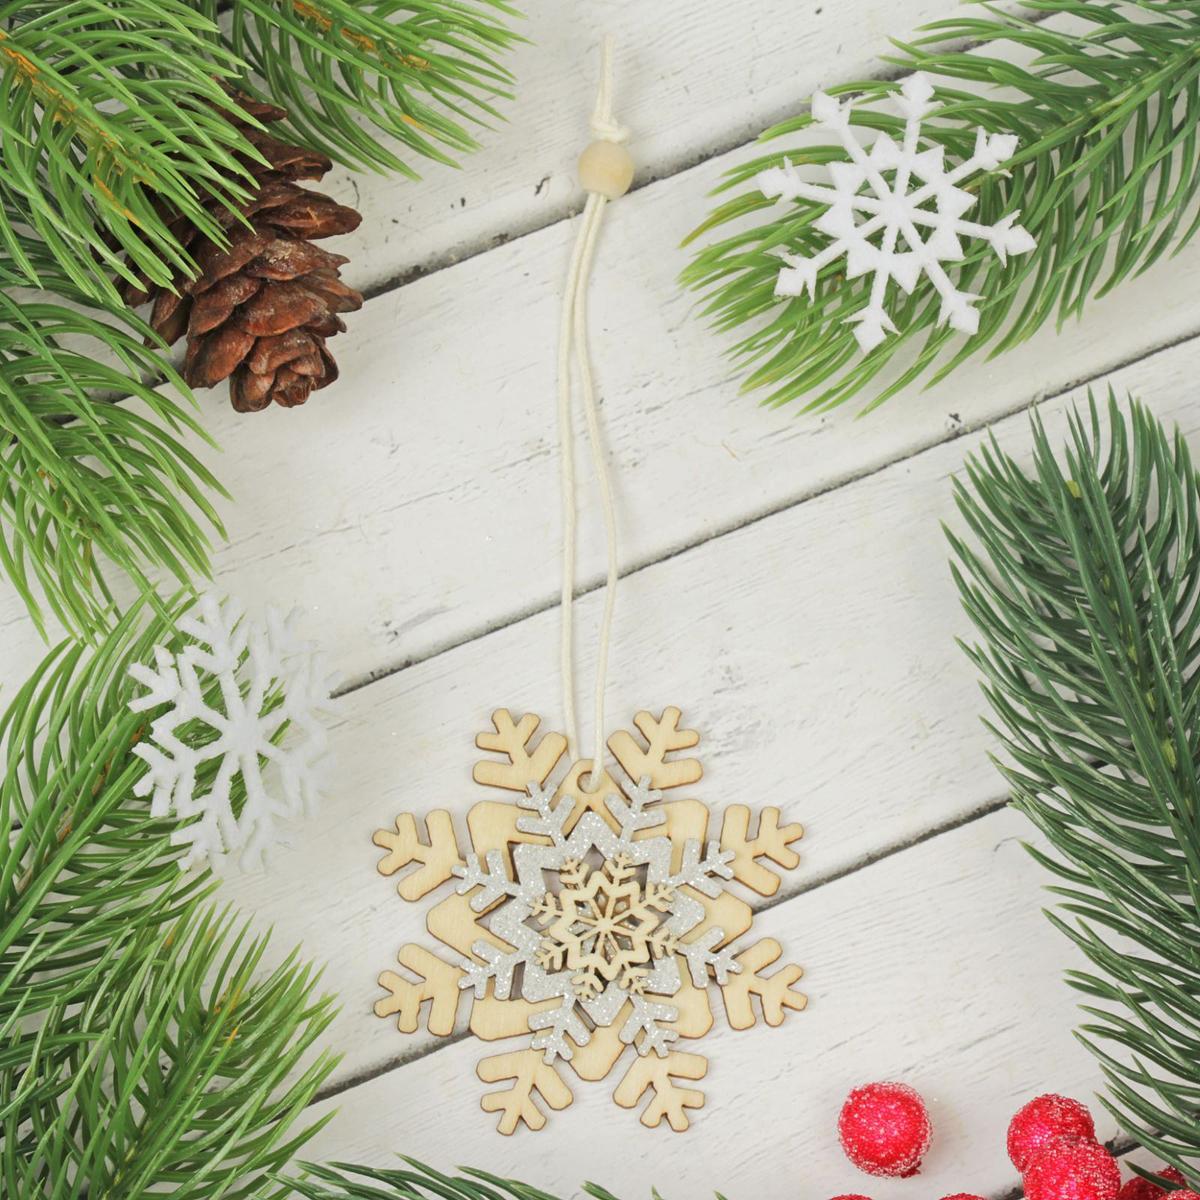 Подвеска новогодняя Резная снежинка2303459Невозможно представить нашу жизнь без праздников! Мы всегда ждем их и предвкушаем, обдумываем, как проведем памятный день, тщательно выбираем подарки и аксессуары, ведь именно они создают и поддерживают торжественный настрой. Это отличный выбор, который привнесет атмосферу праздника в ваш дом!